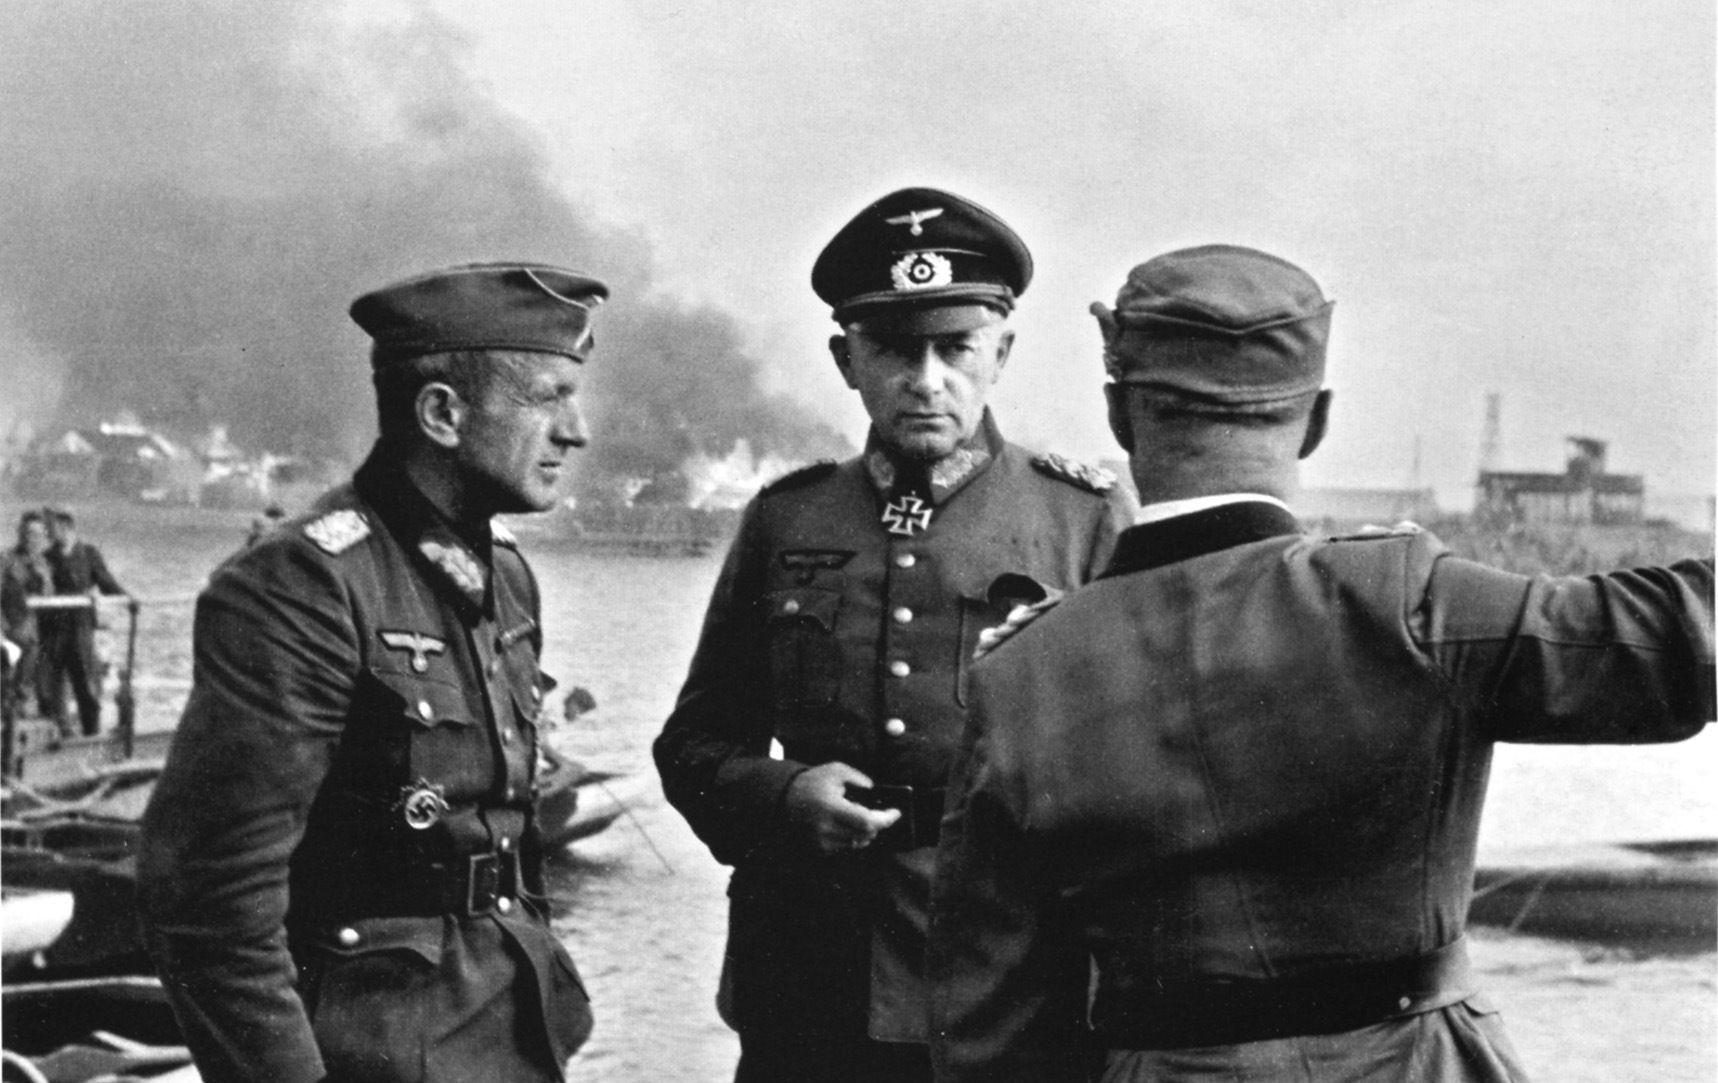 Генералы Р. Руофф и Э. Клейст в Ростове-на-Дону, июль 1942 года ©Фото с сайта waralbum.ru